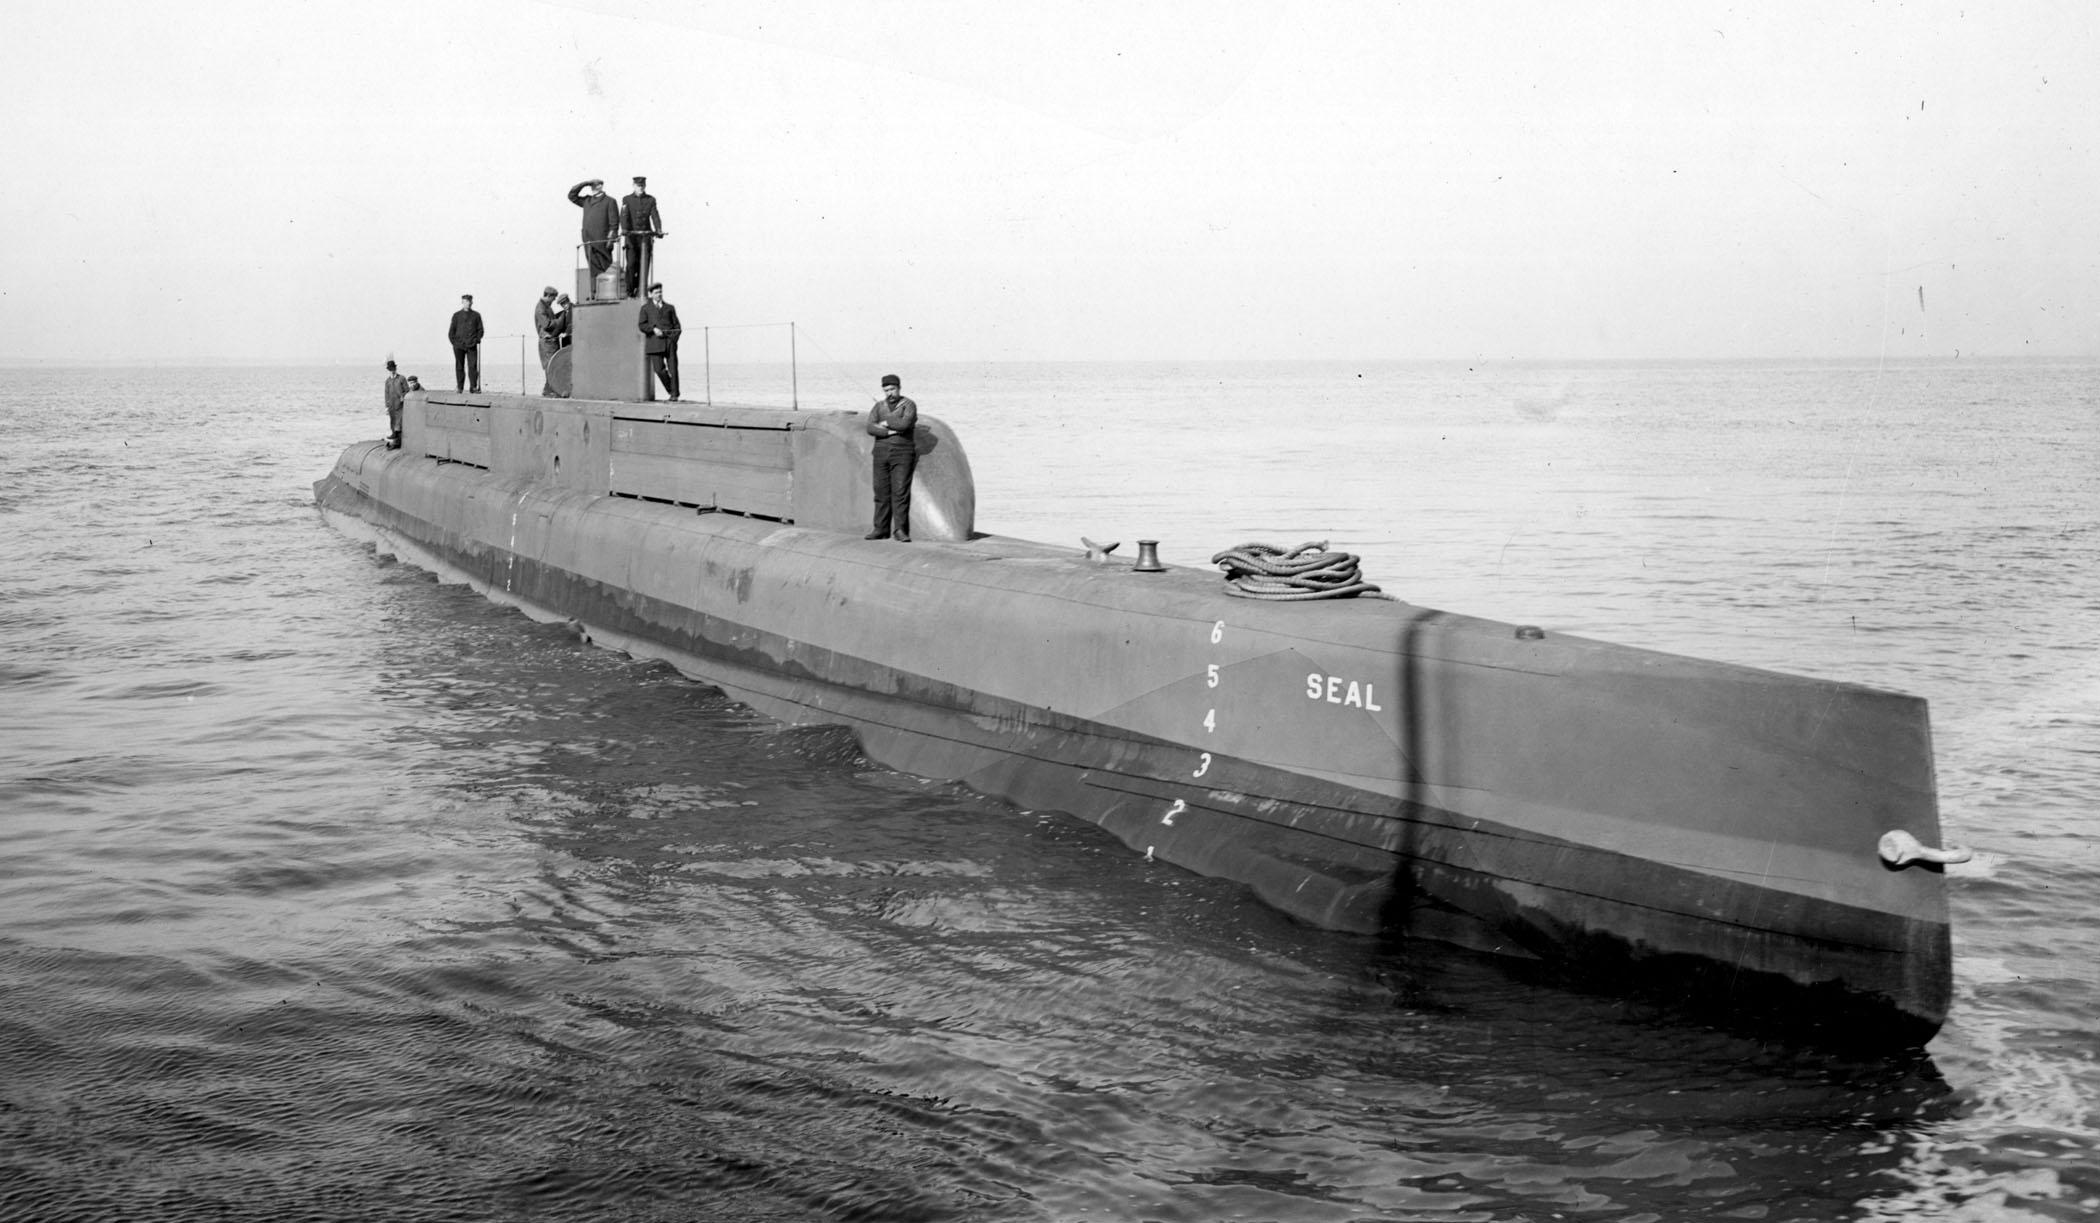 подводные лодки у кого же их было больше